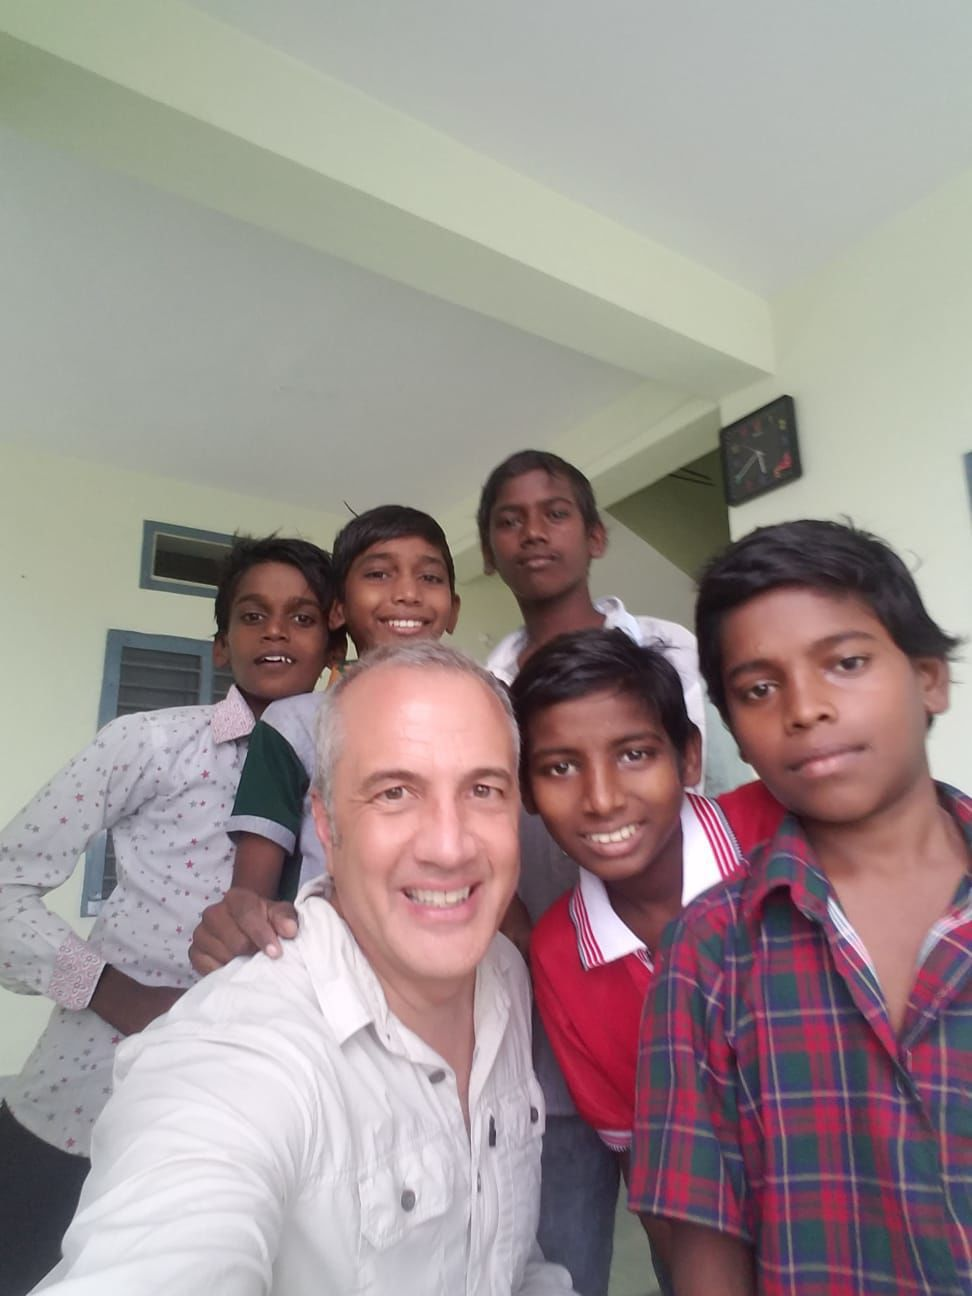 David Knox with boys